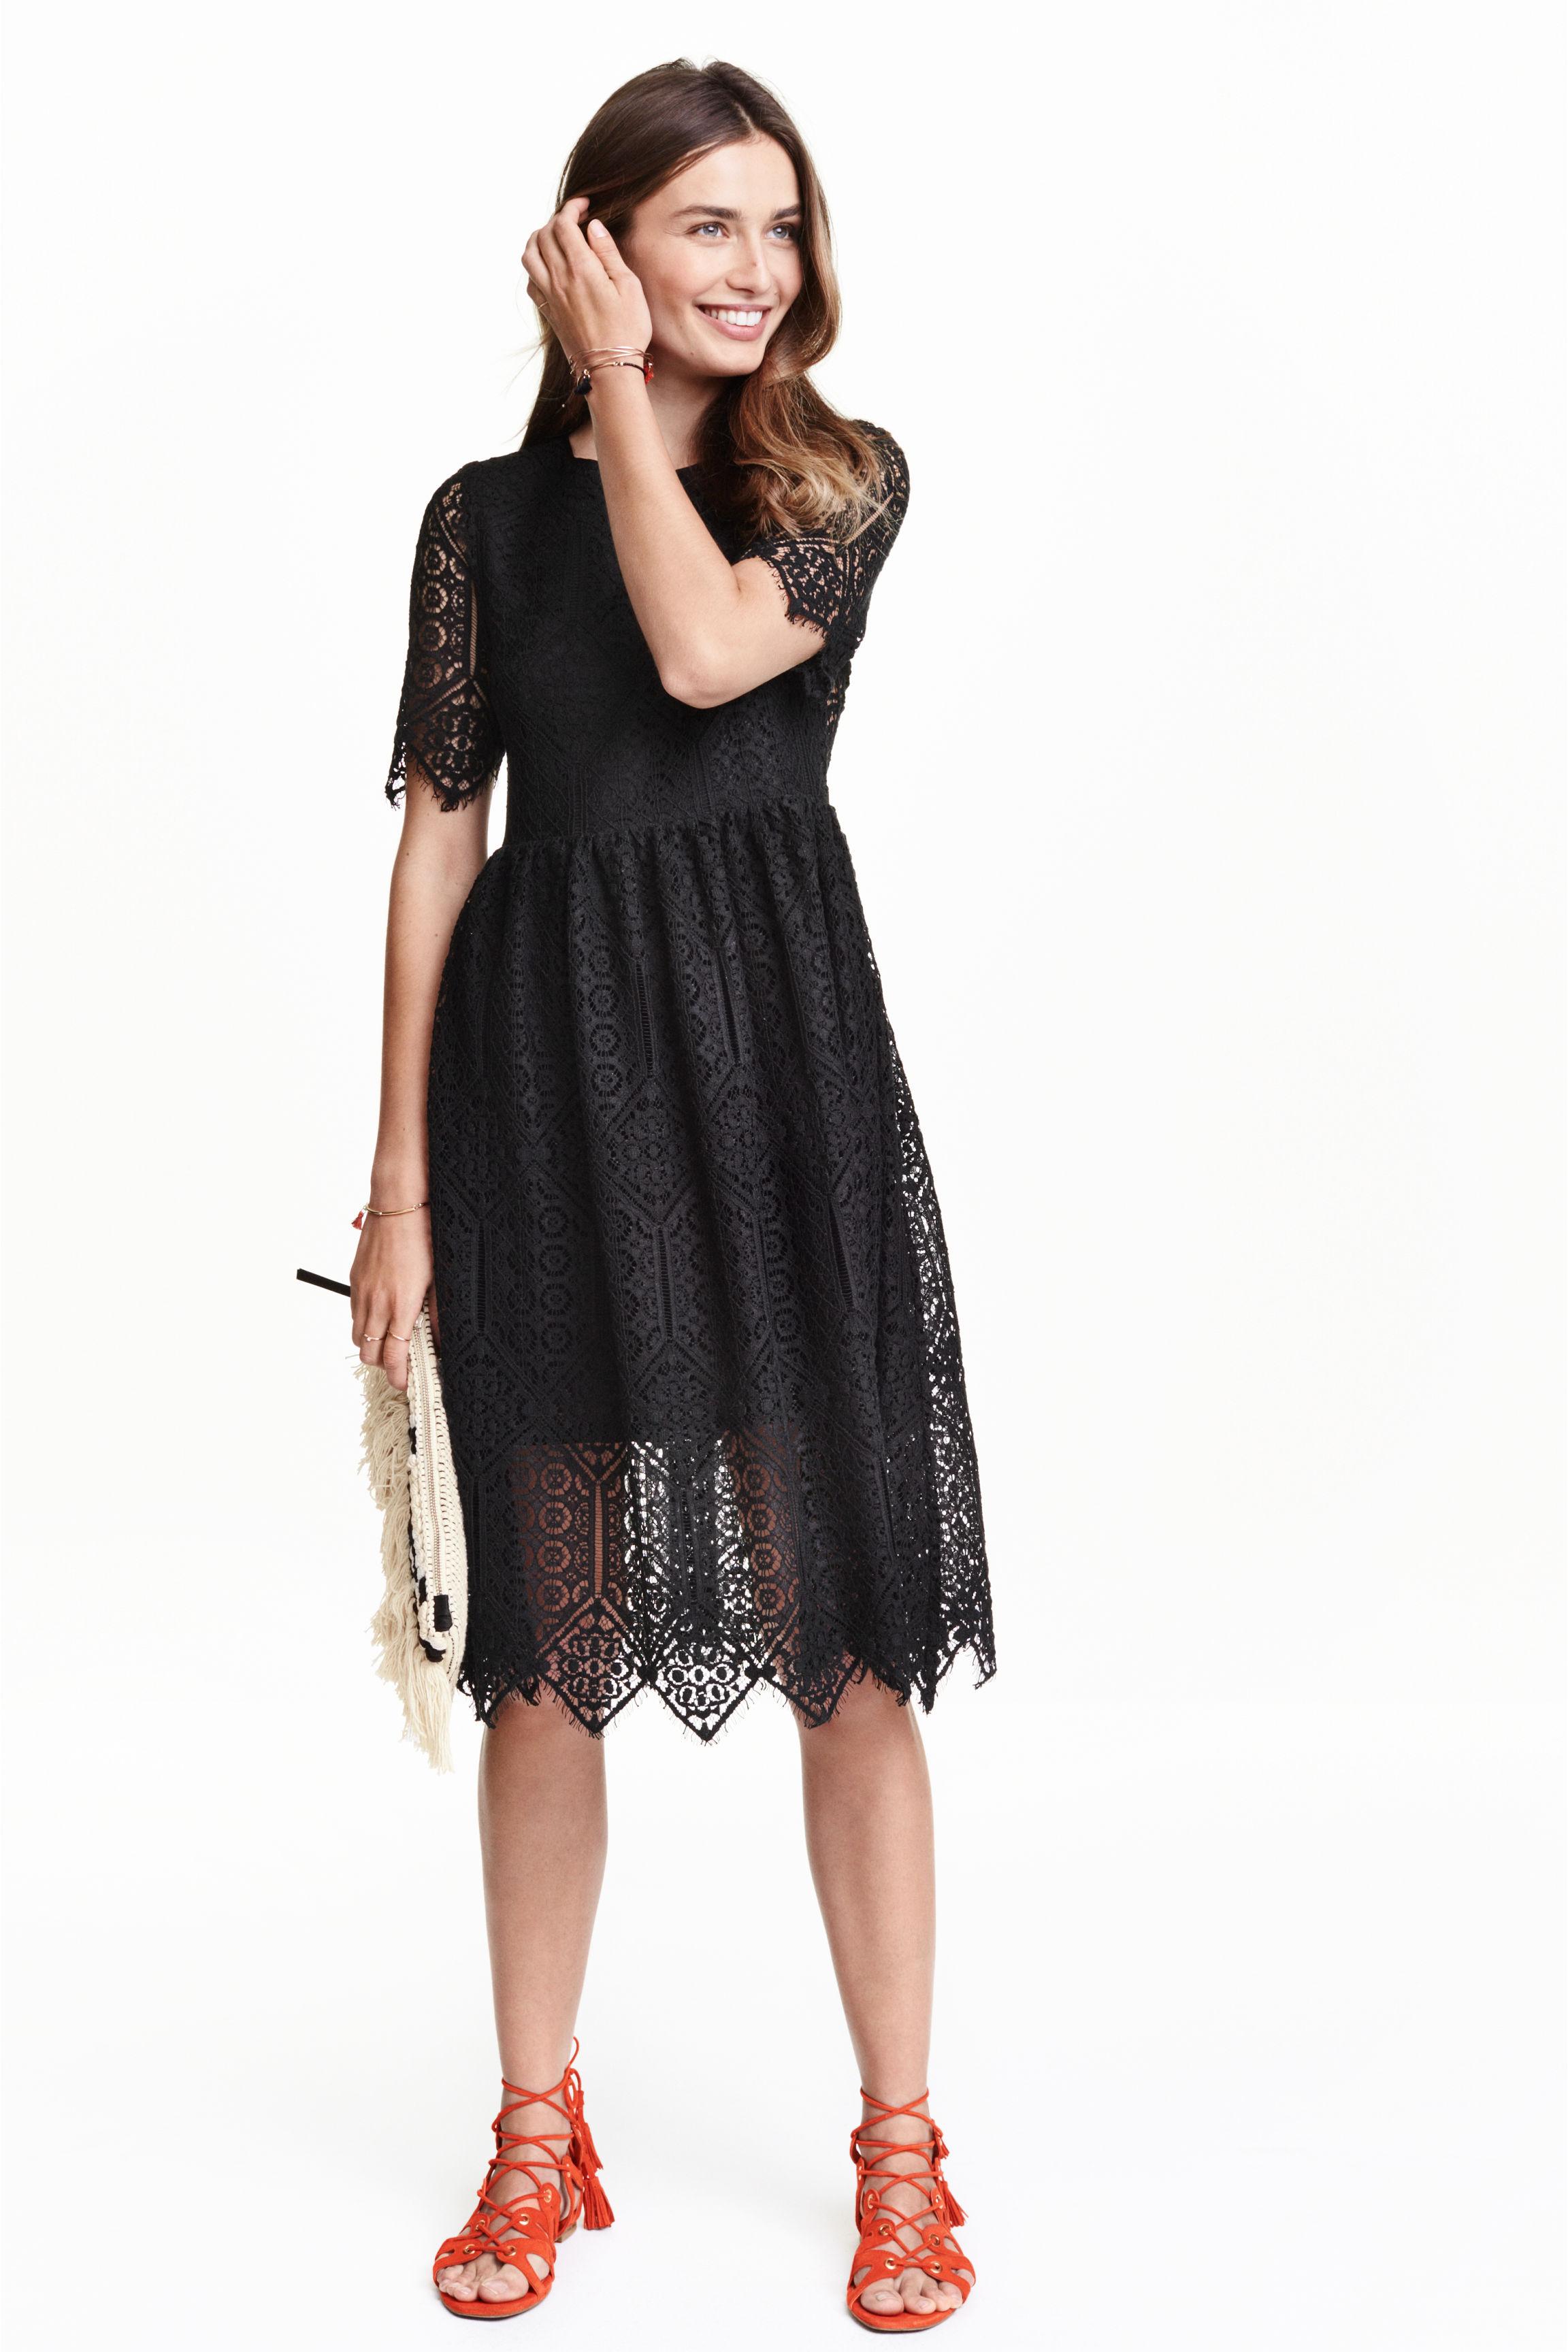 Black dress in h m - Black Dress In H M 1